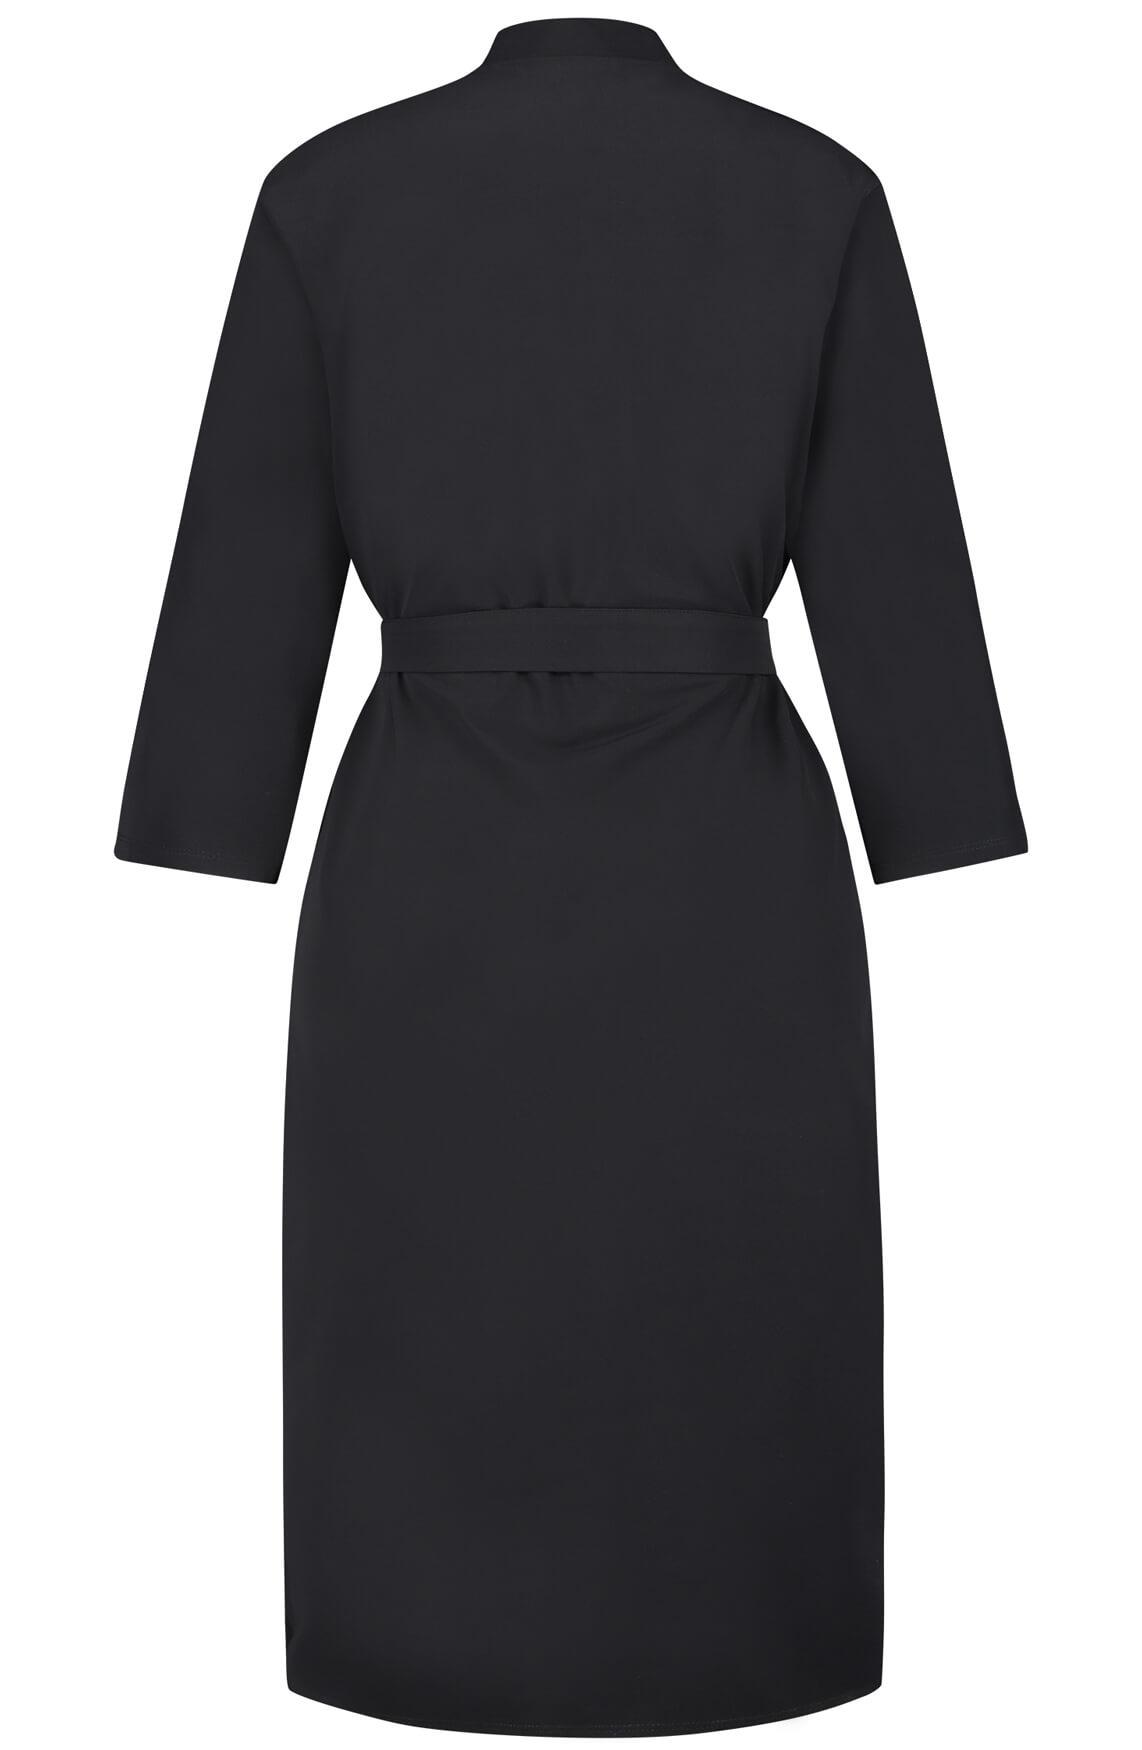 Penn & Ink Dames Jersey jurk zwart